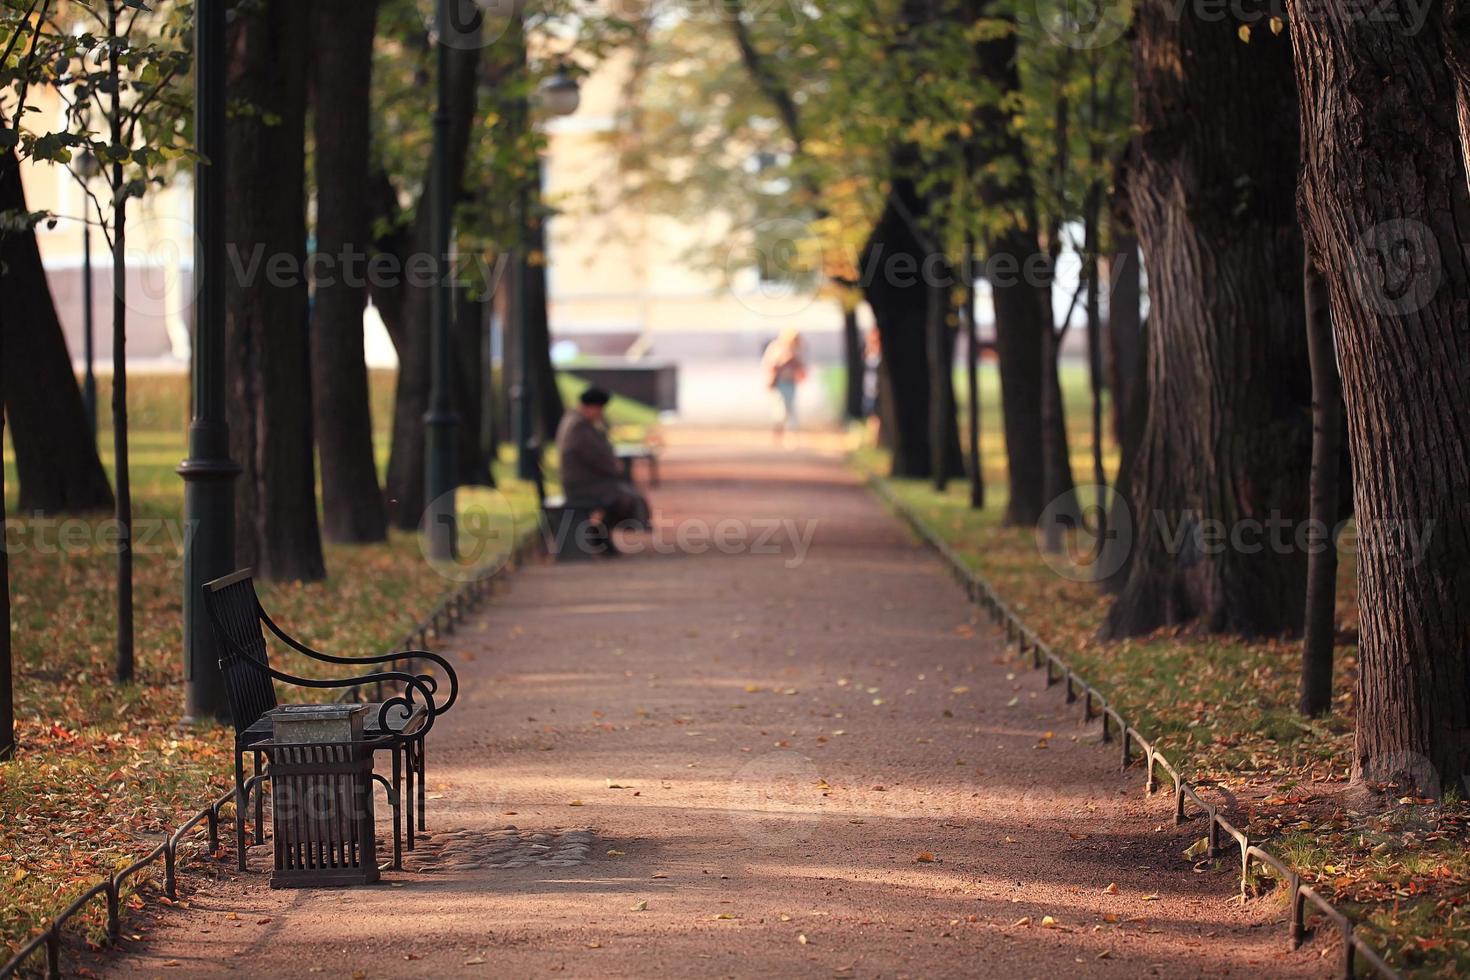 banc de jardin en automne parc paysage photo